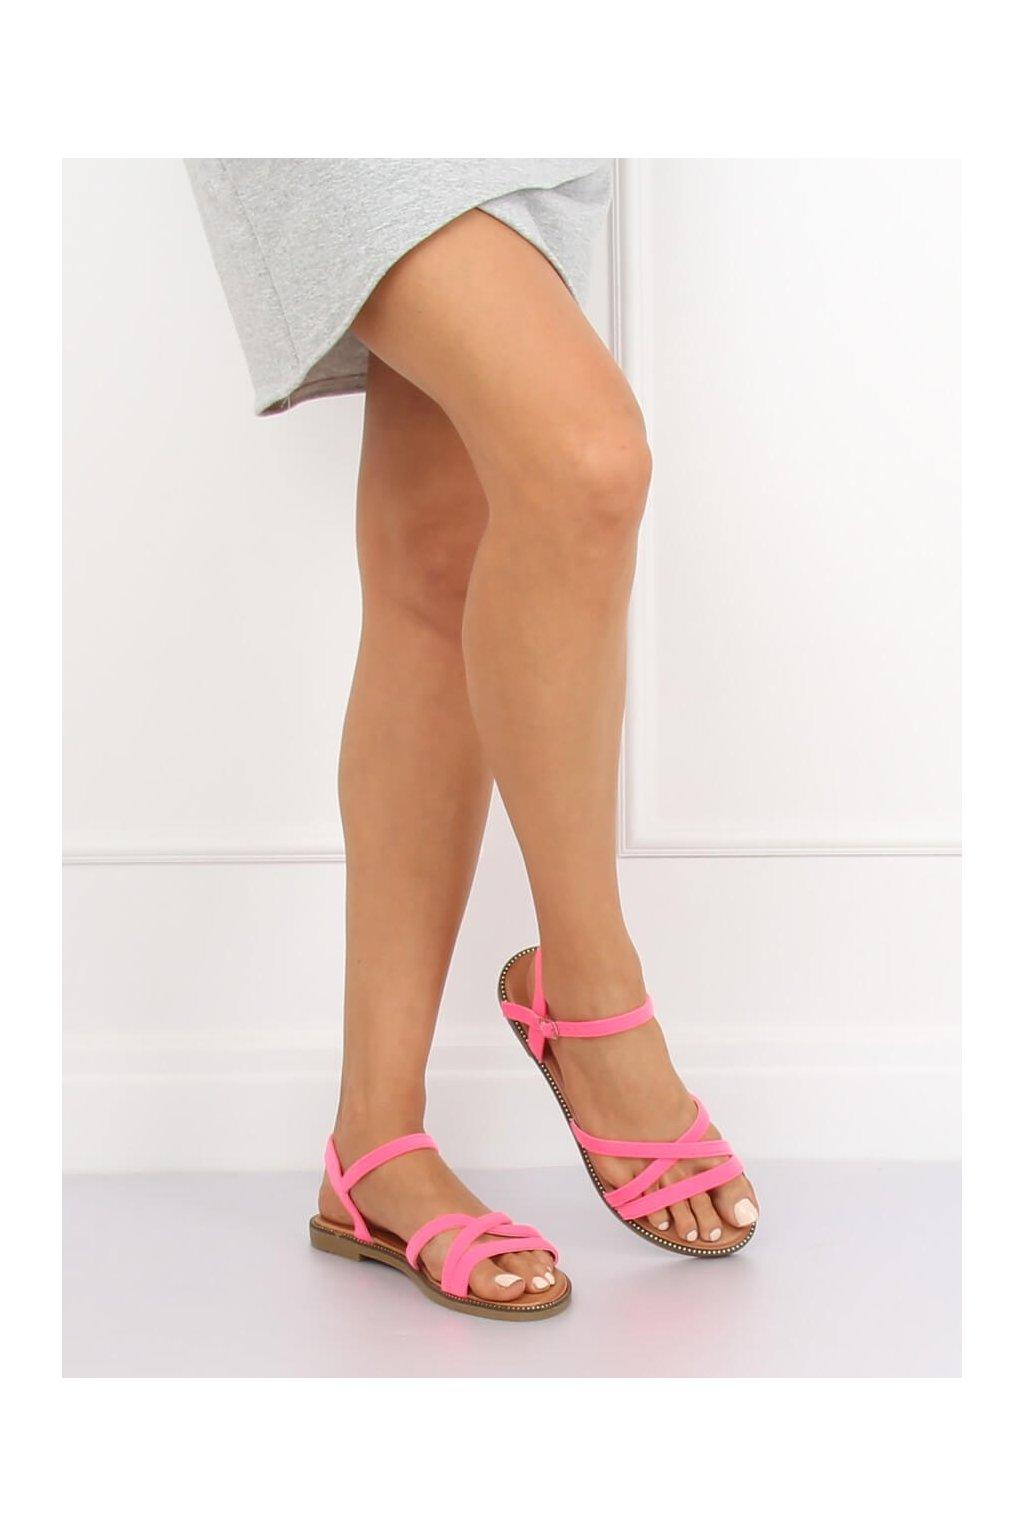 Dámske sandále ružové na plochom podpätku NJSK WL255